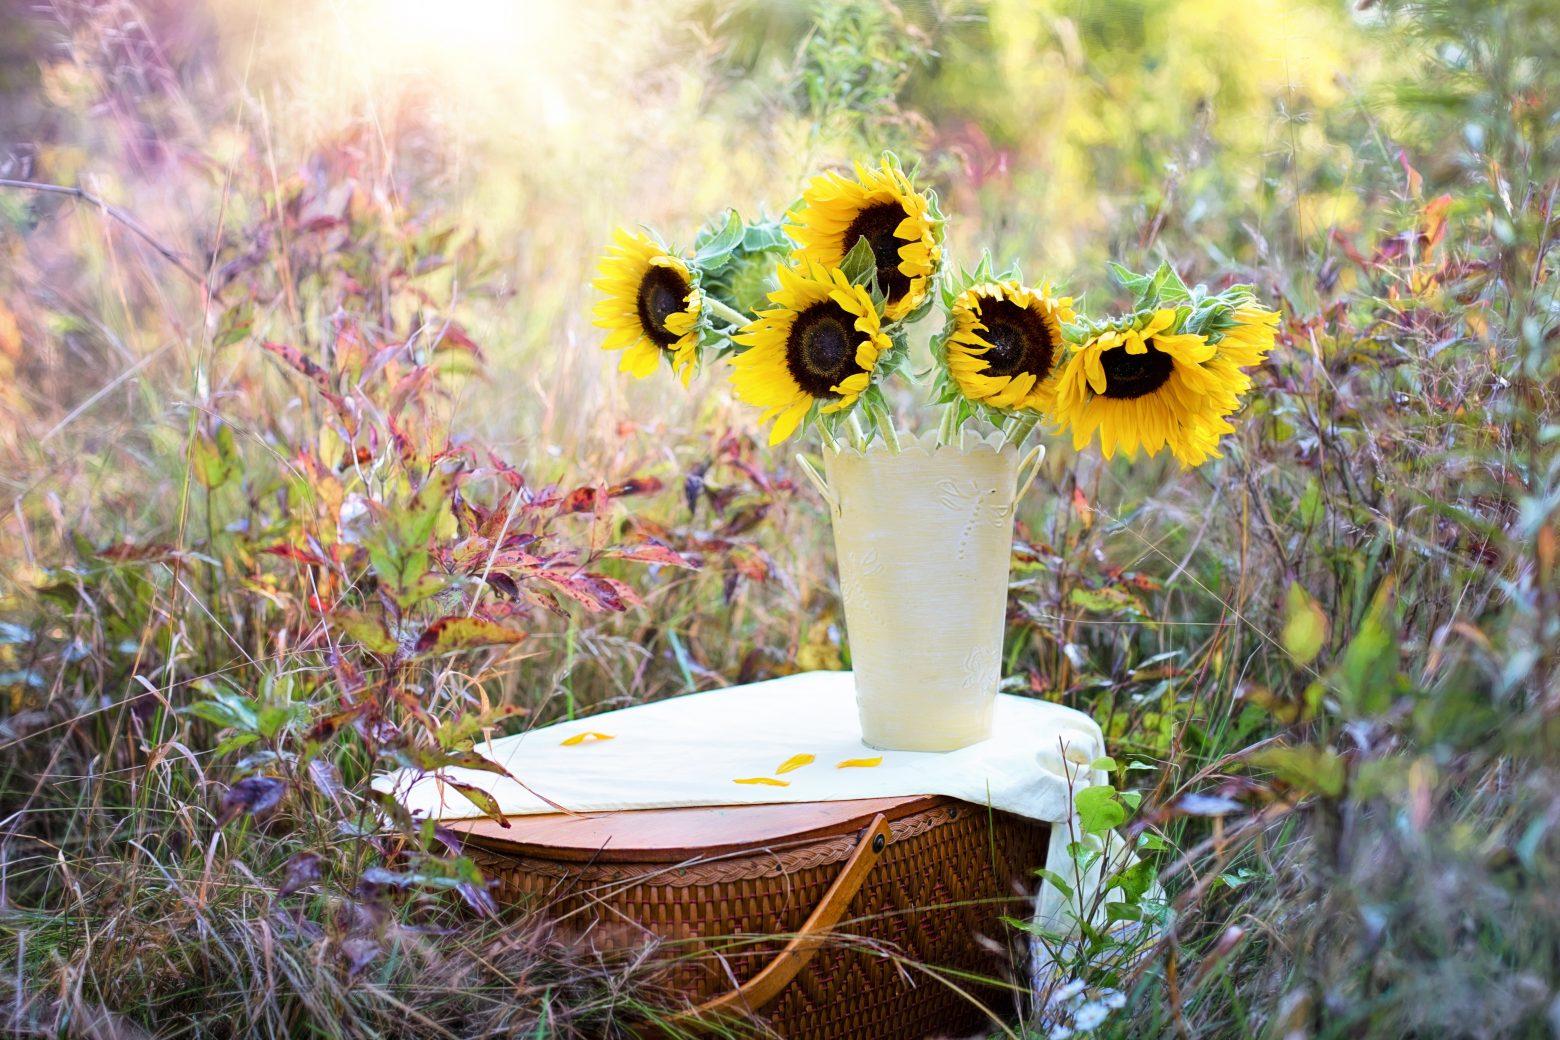 sunflowers-1719119